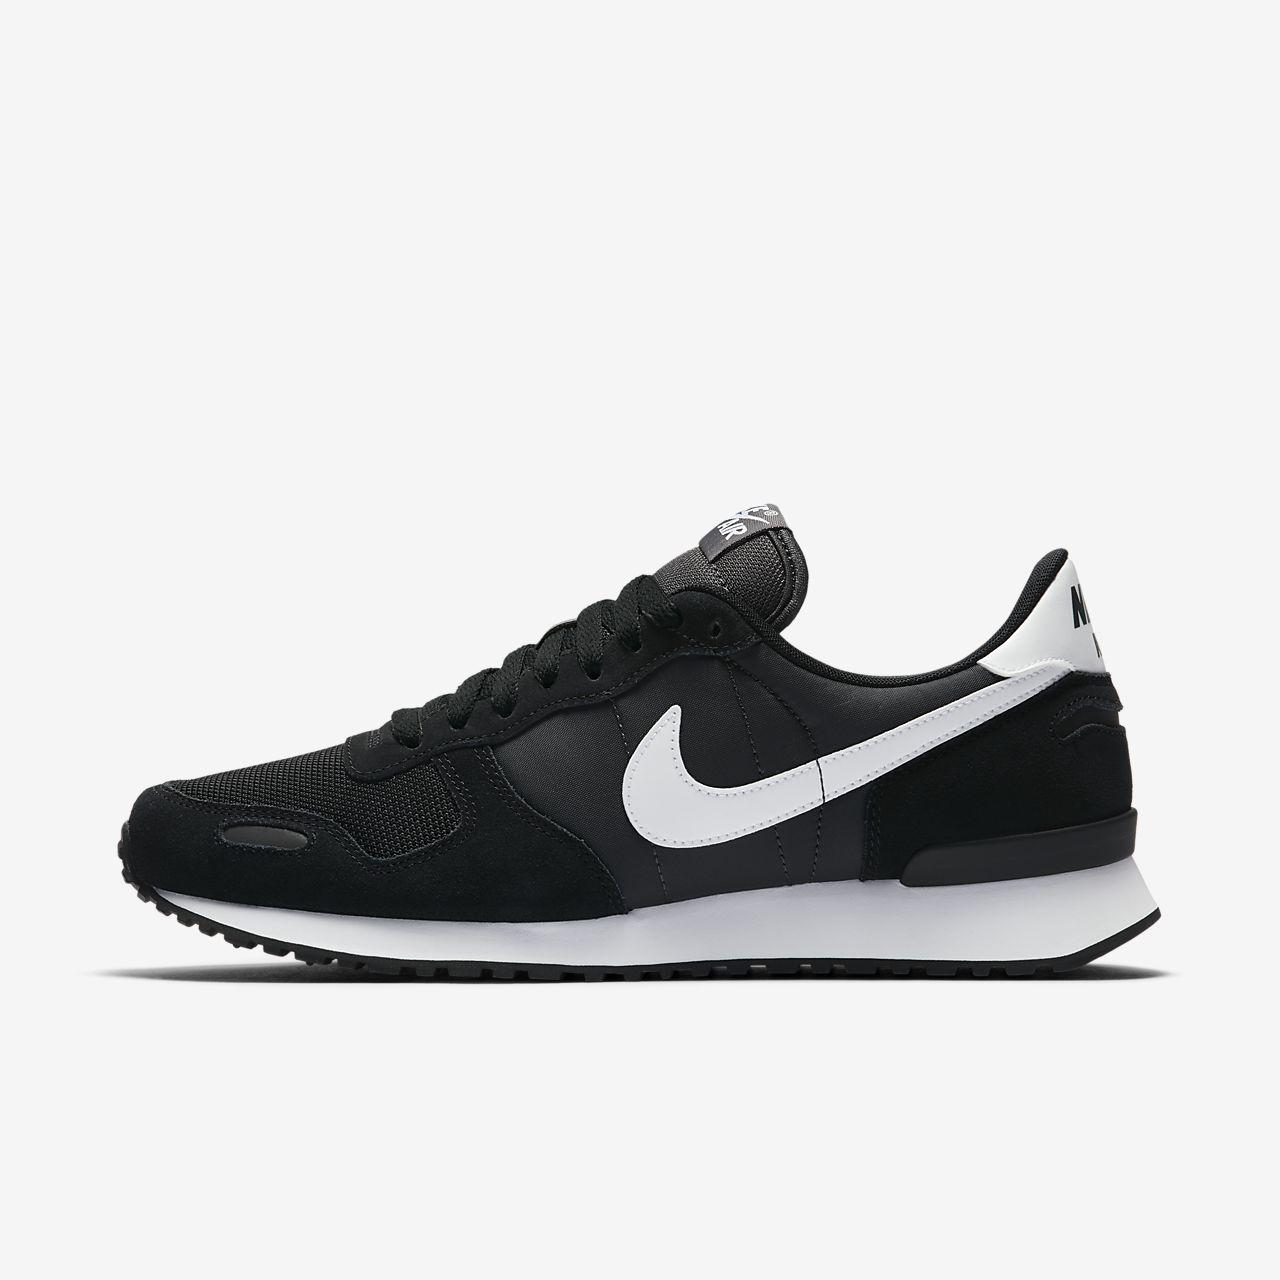 huge selection of 5b52c 2b09c ... Sko Nike Air Vortex för män